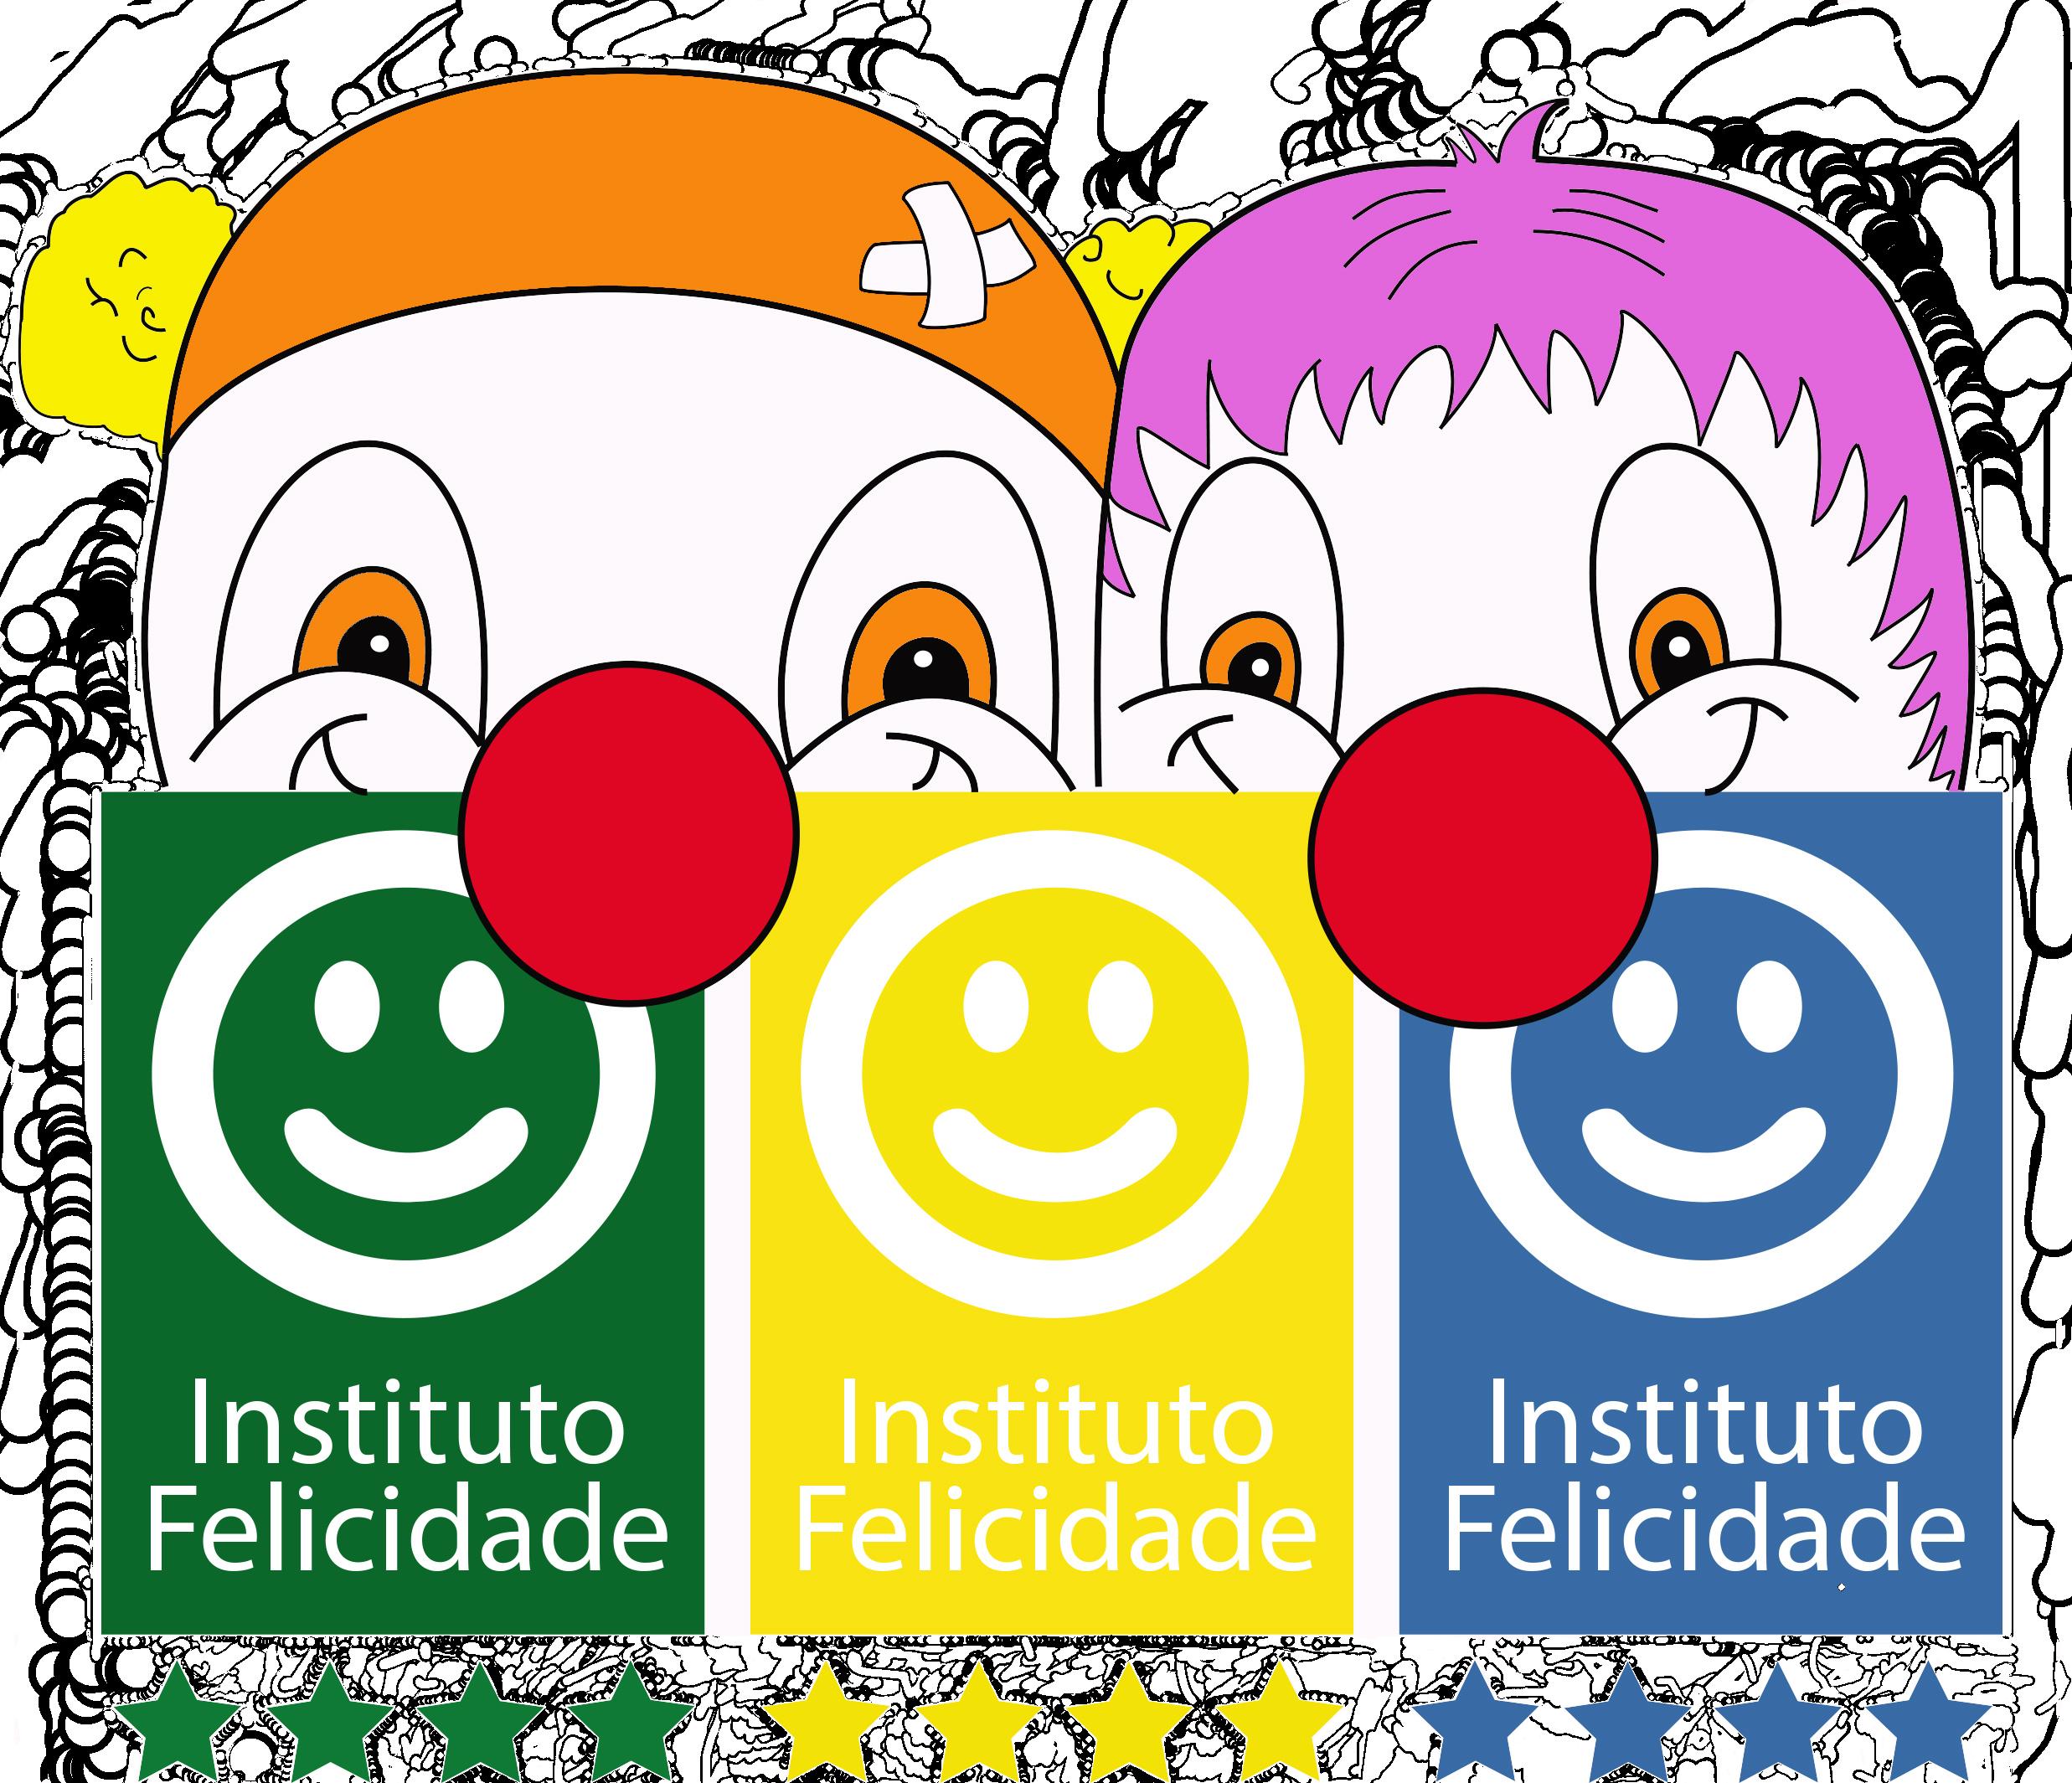 Instituto Felicidade